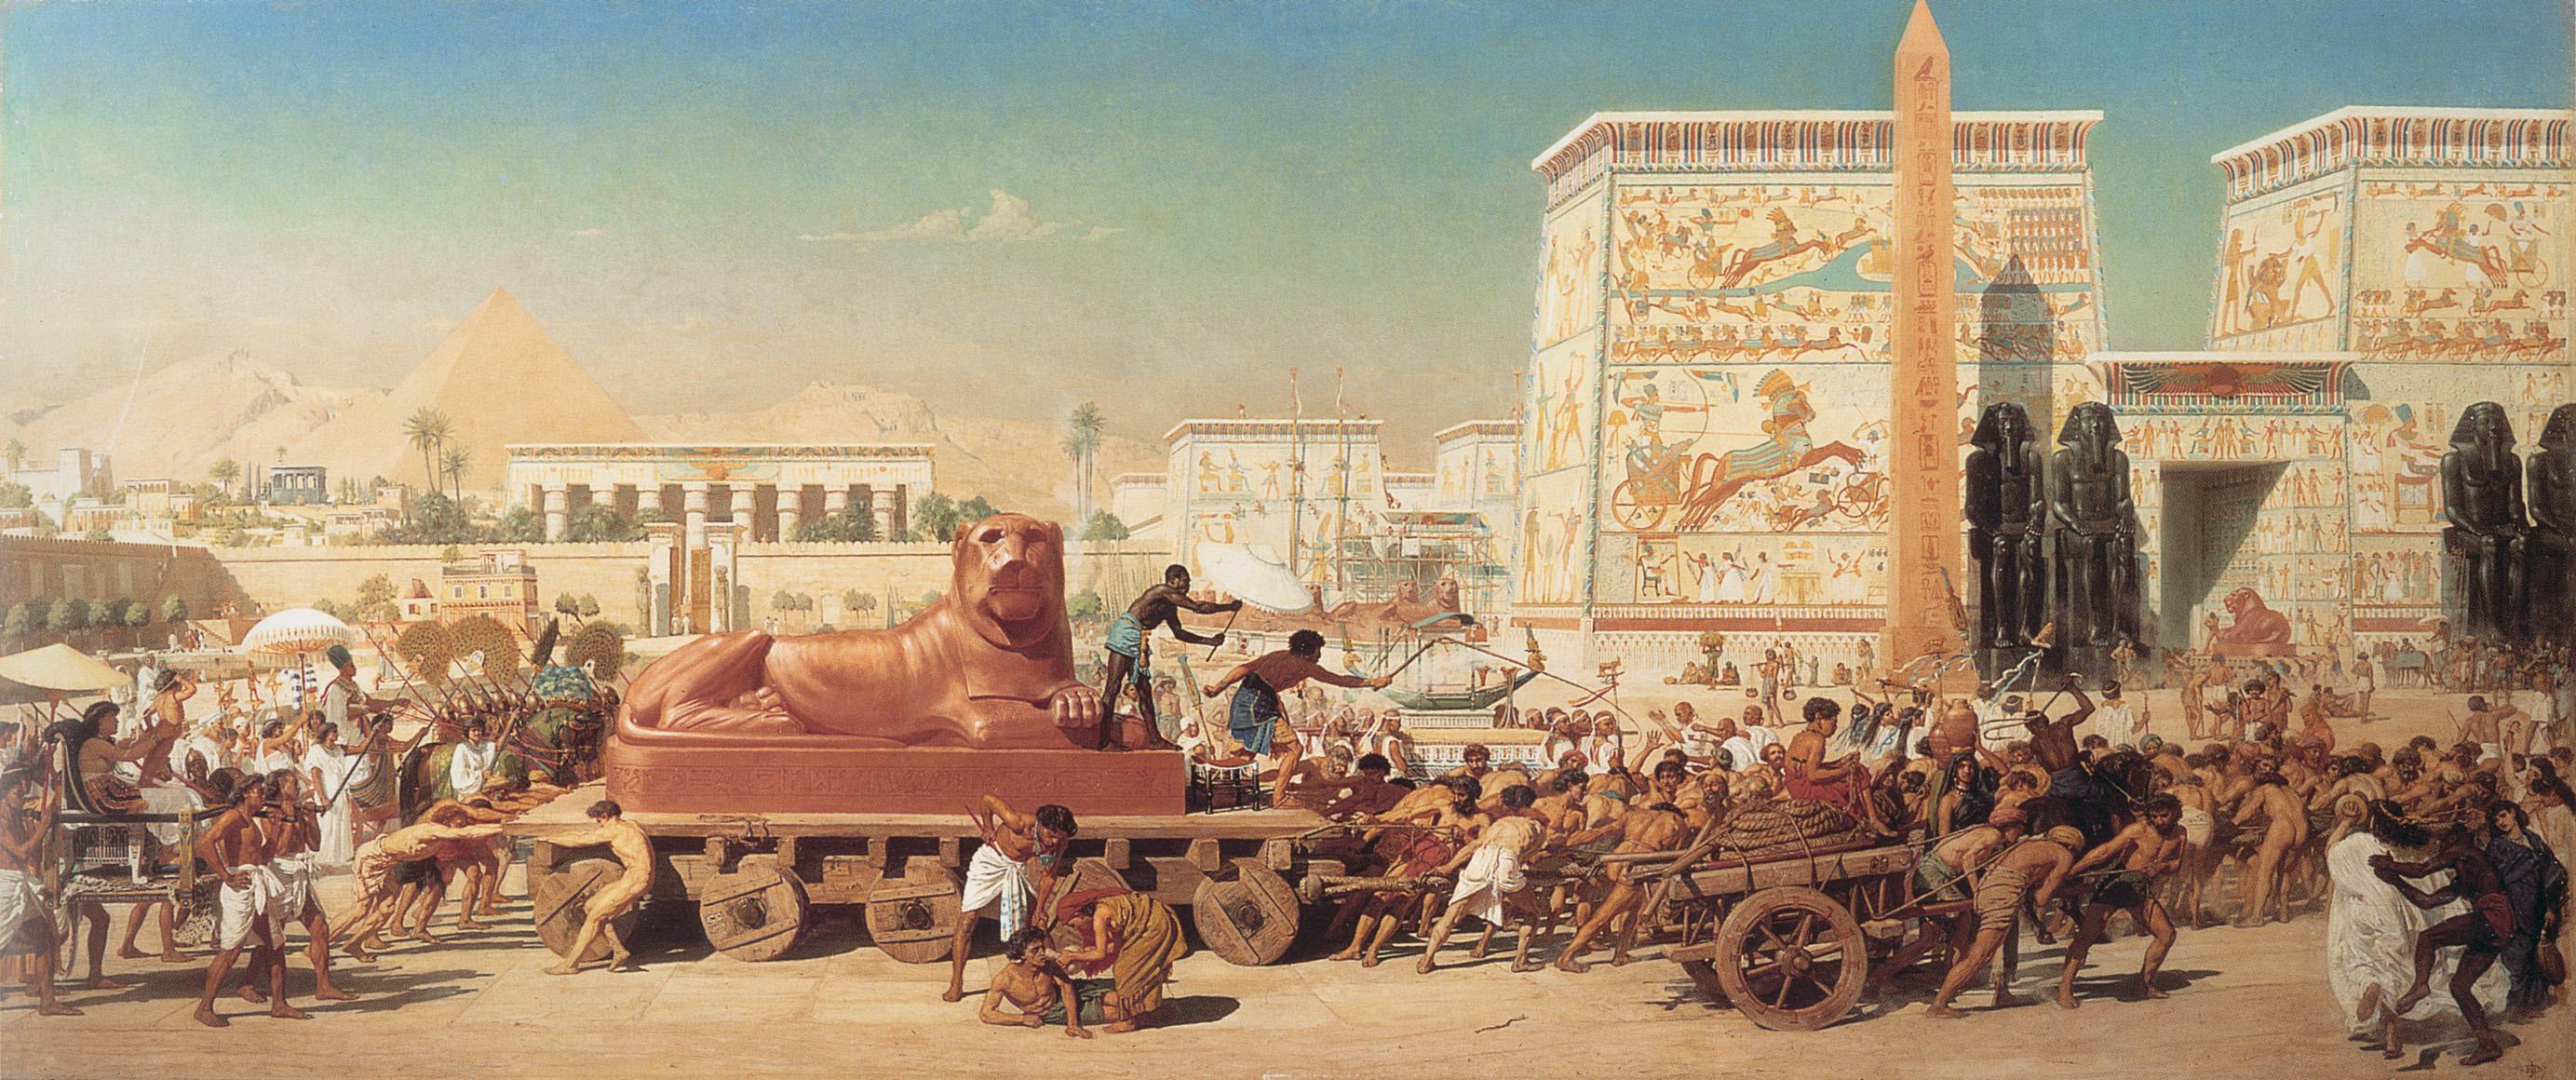 BFB210821 Israel In Egypt-1867-Edward-Poynter